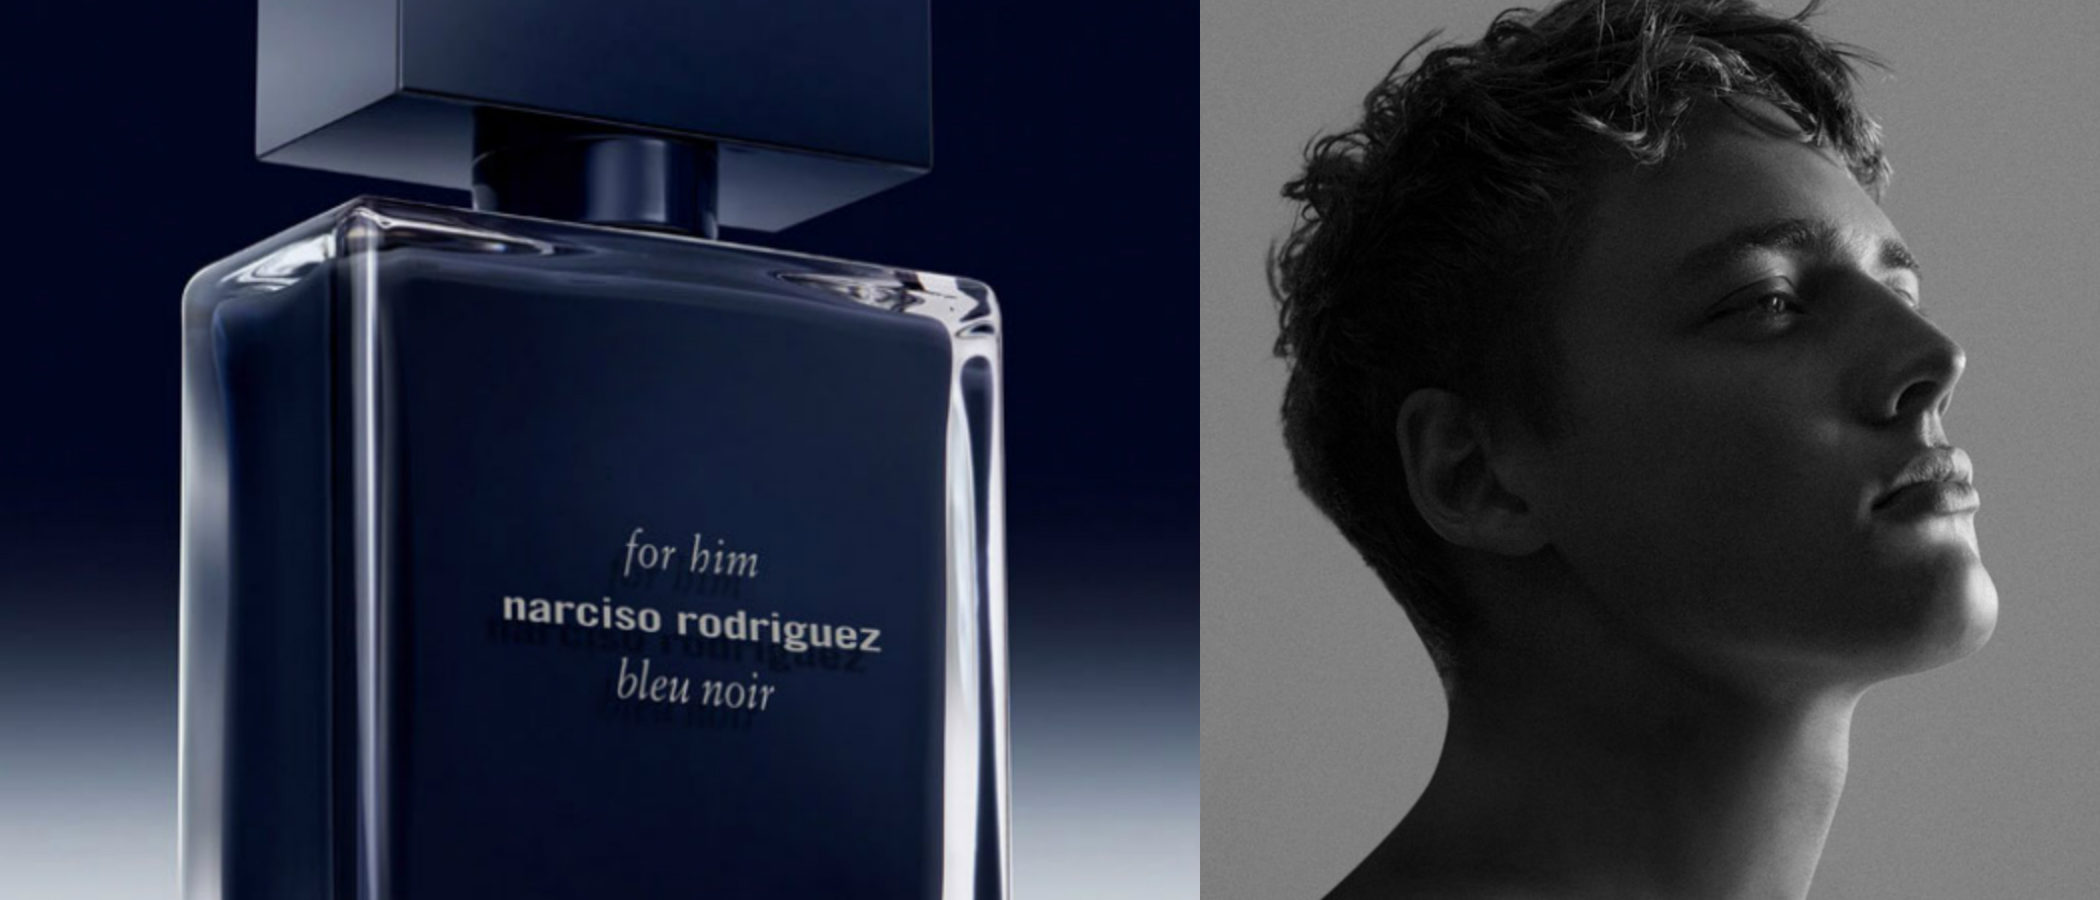 'Narciso Rodriguez For Him Bleu Noir', el nuevo perfume masculino de Narciso Rodriguez